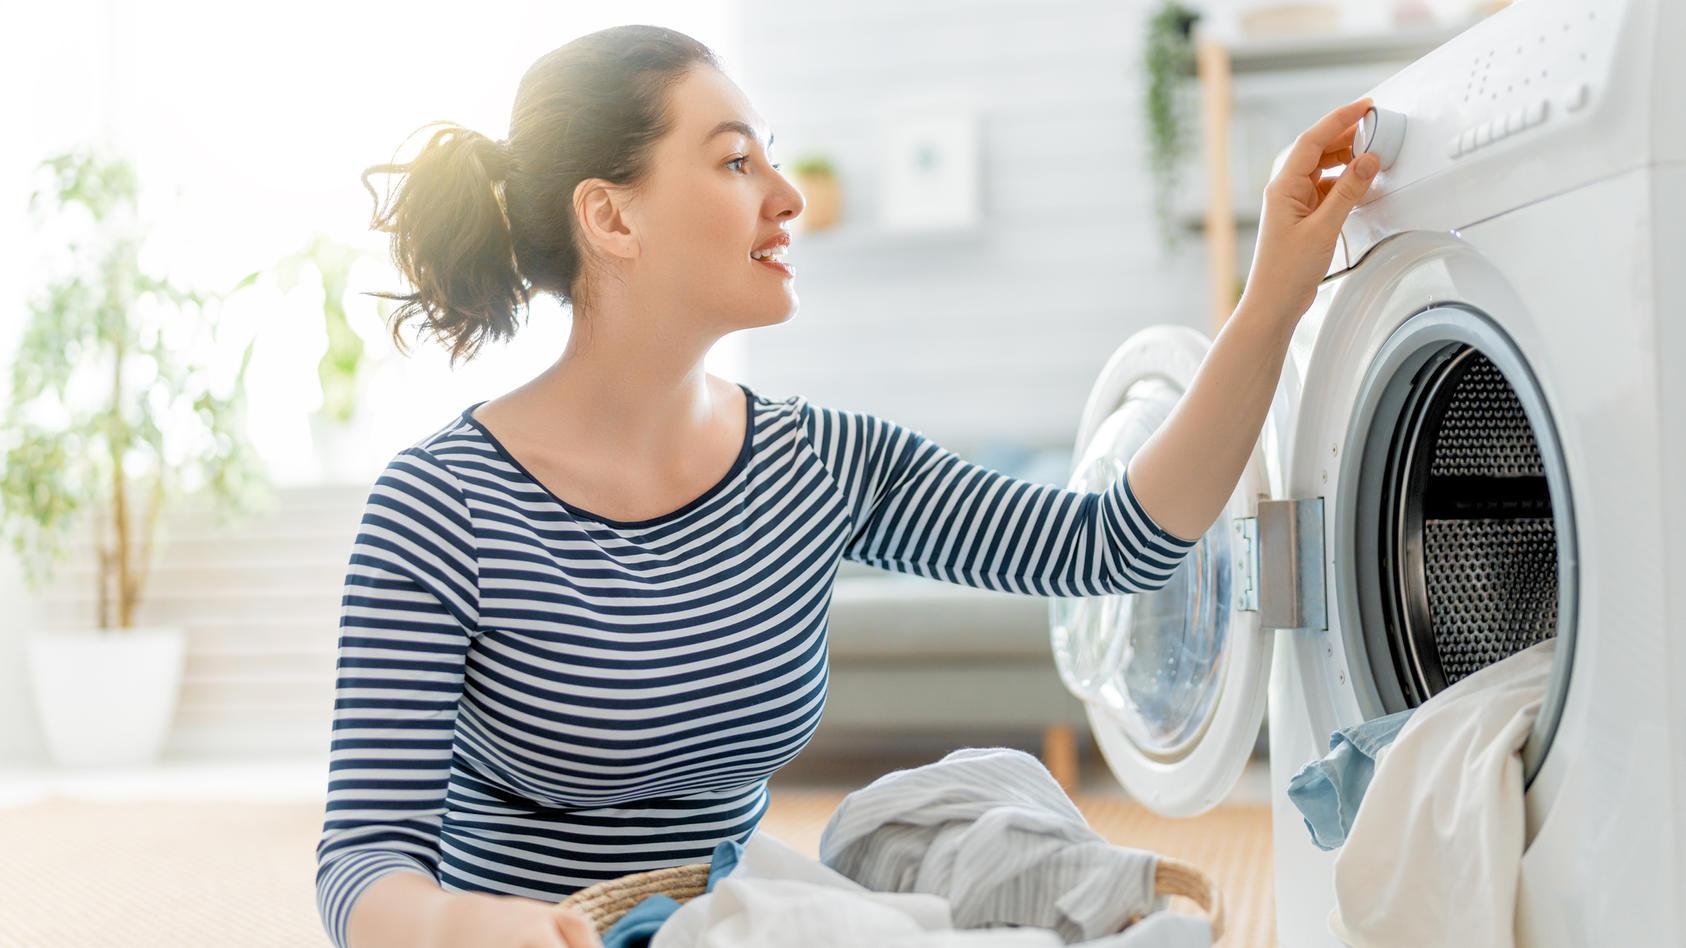 haltbarkeit-und-waschleistung-sind-wichtige-kriterien-bei-einer-waschmaschine